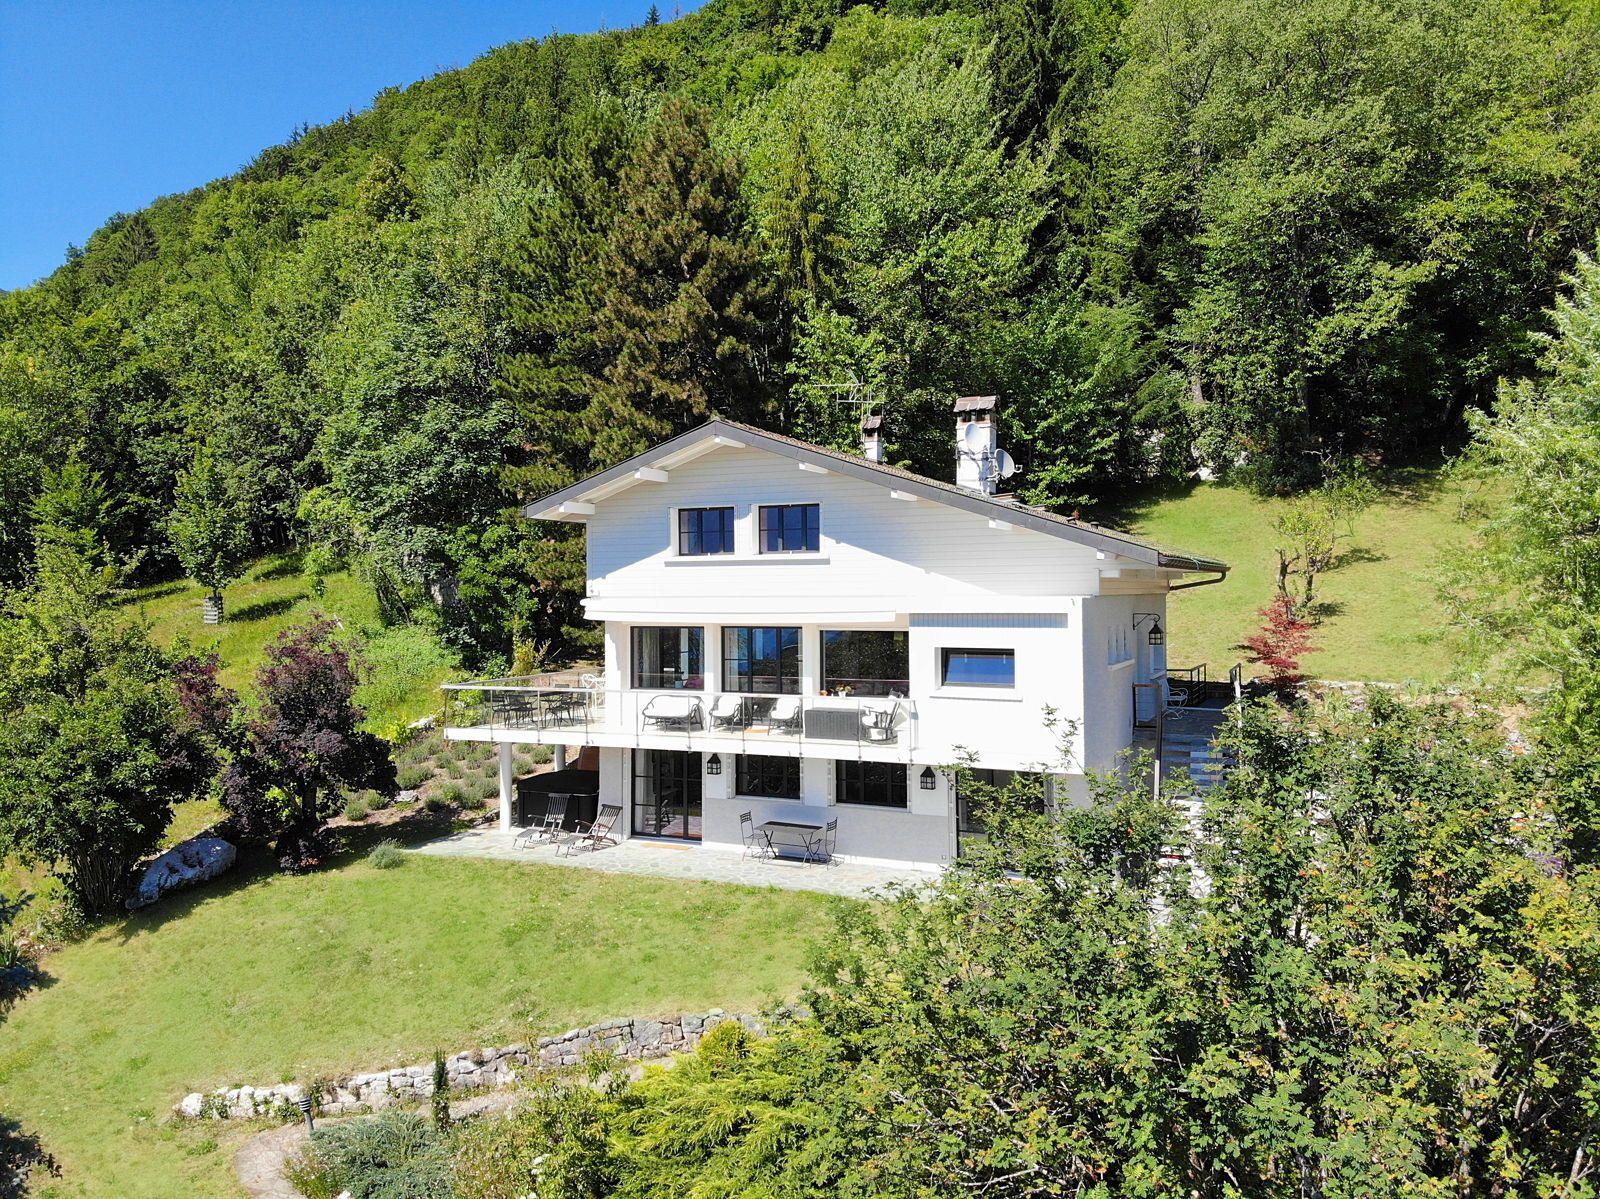 Villa à Menthon-Saint-Bernard (74), rive Est Lac d'Annecy, 8couchages